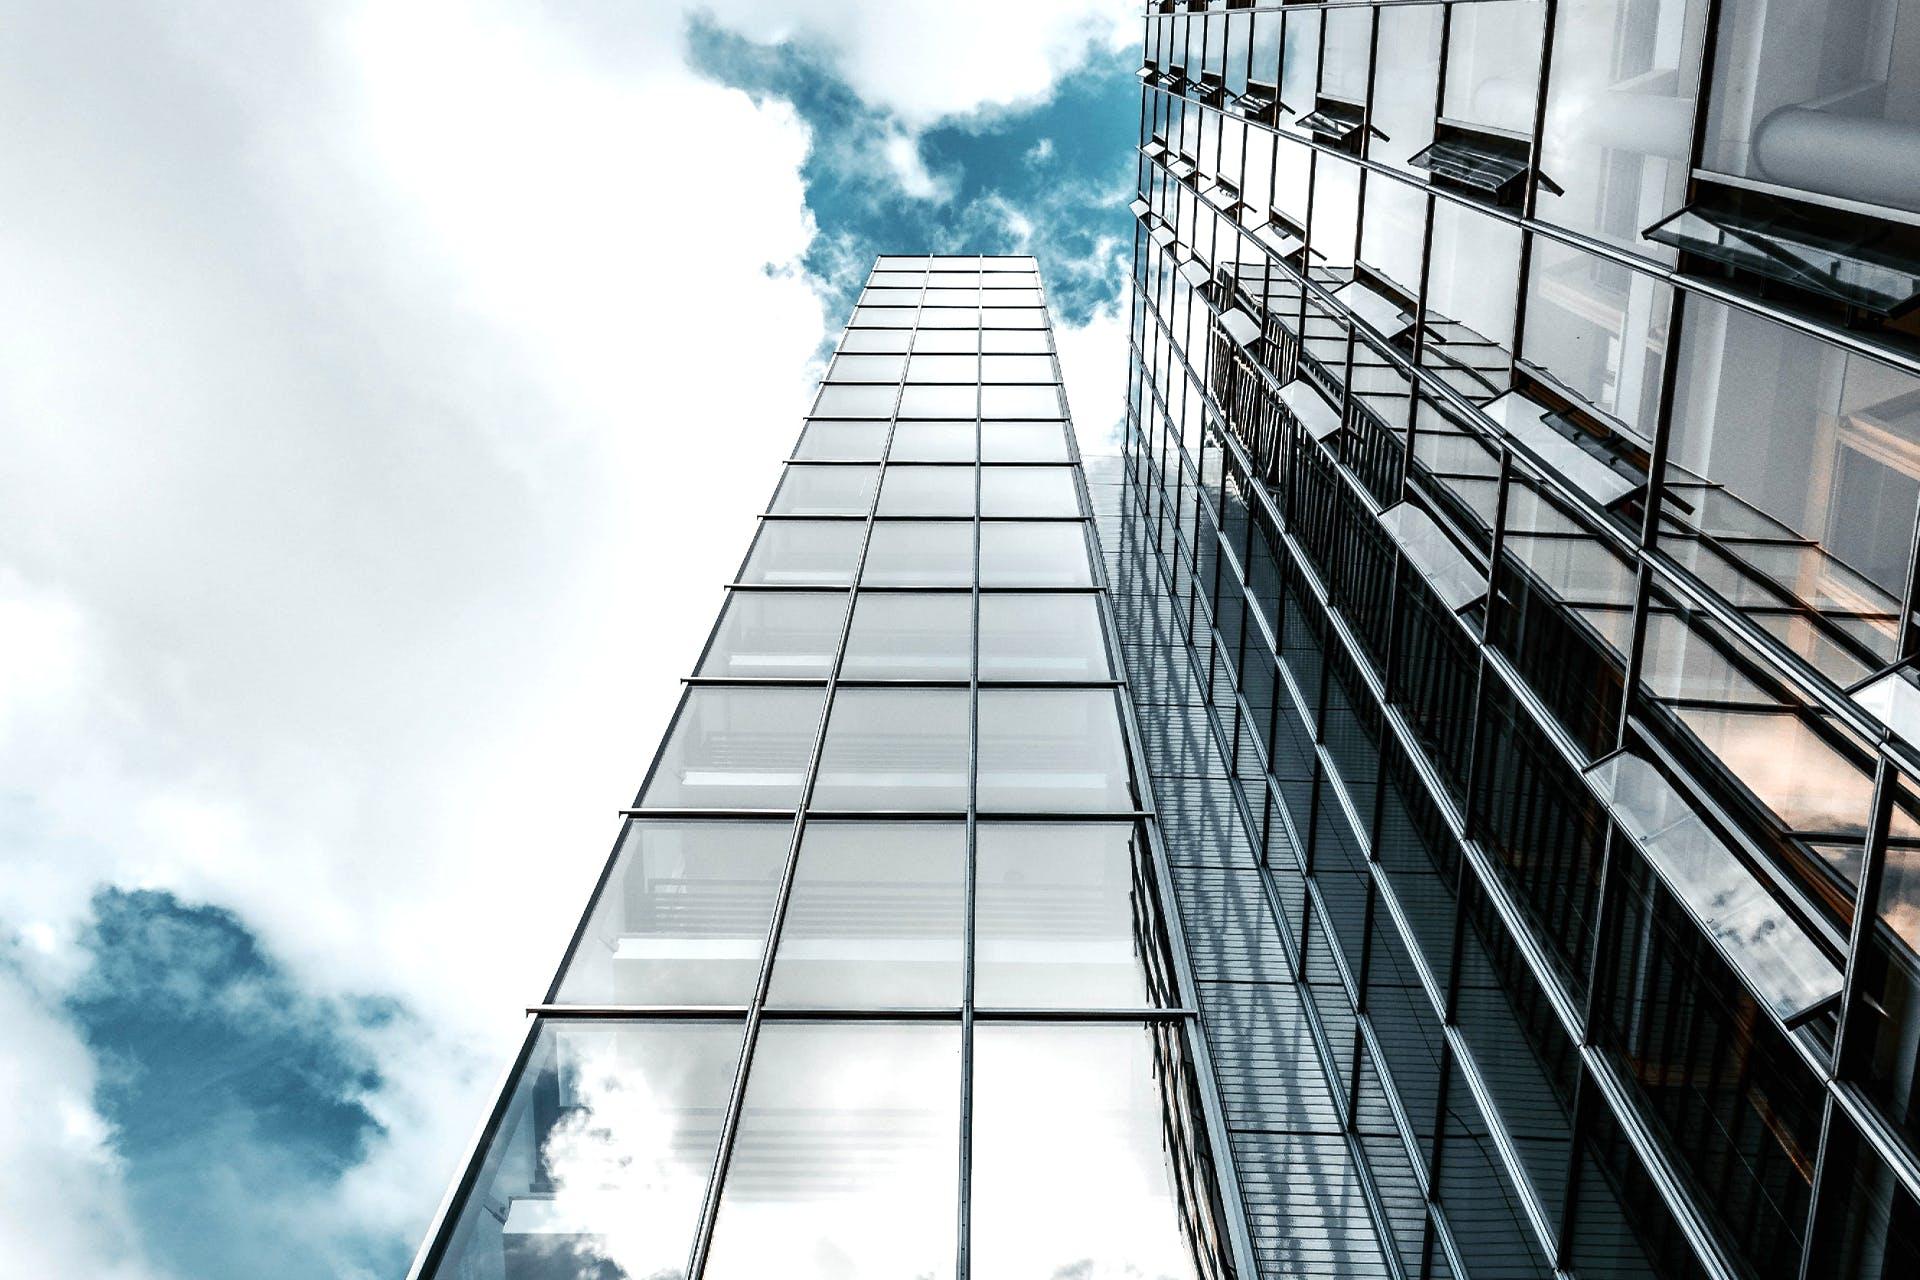 Verglastes Hochhaus Wolkenkratzer Foto